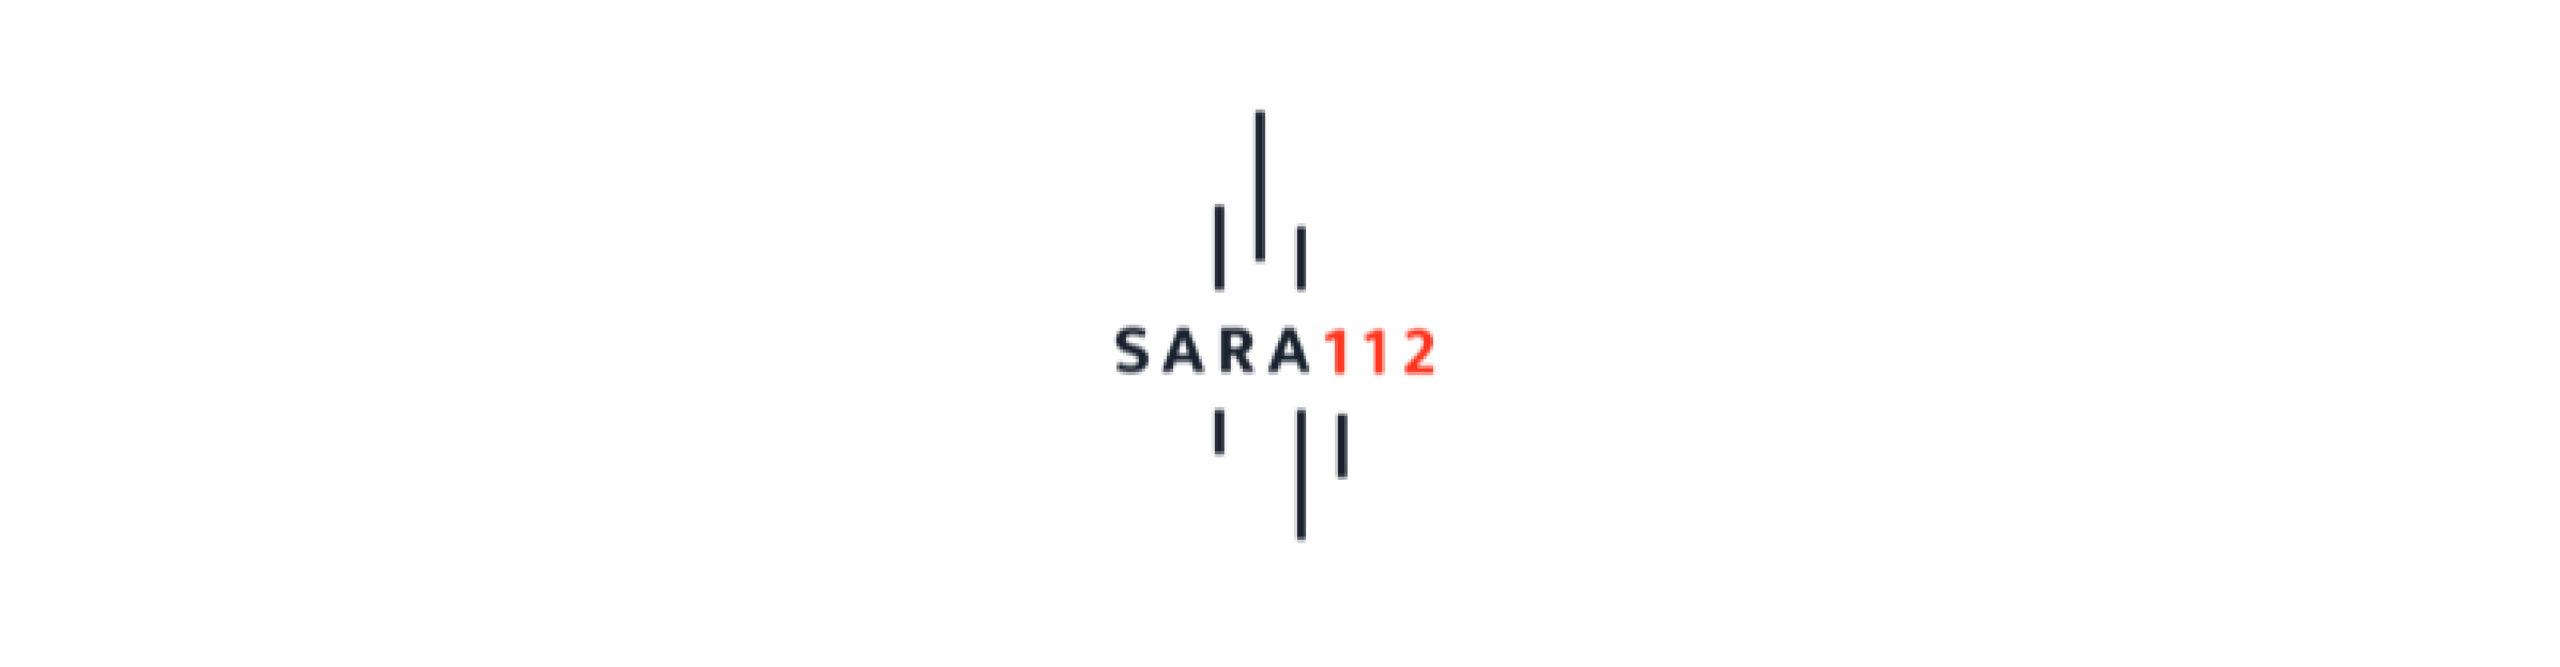 Sara 112 logo